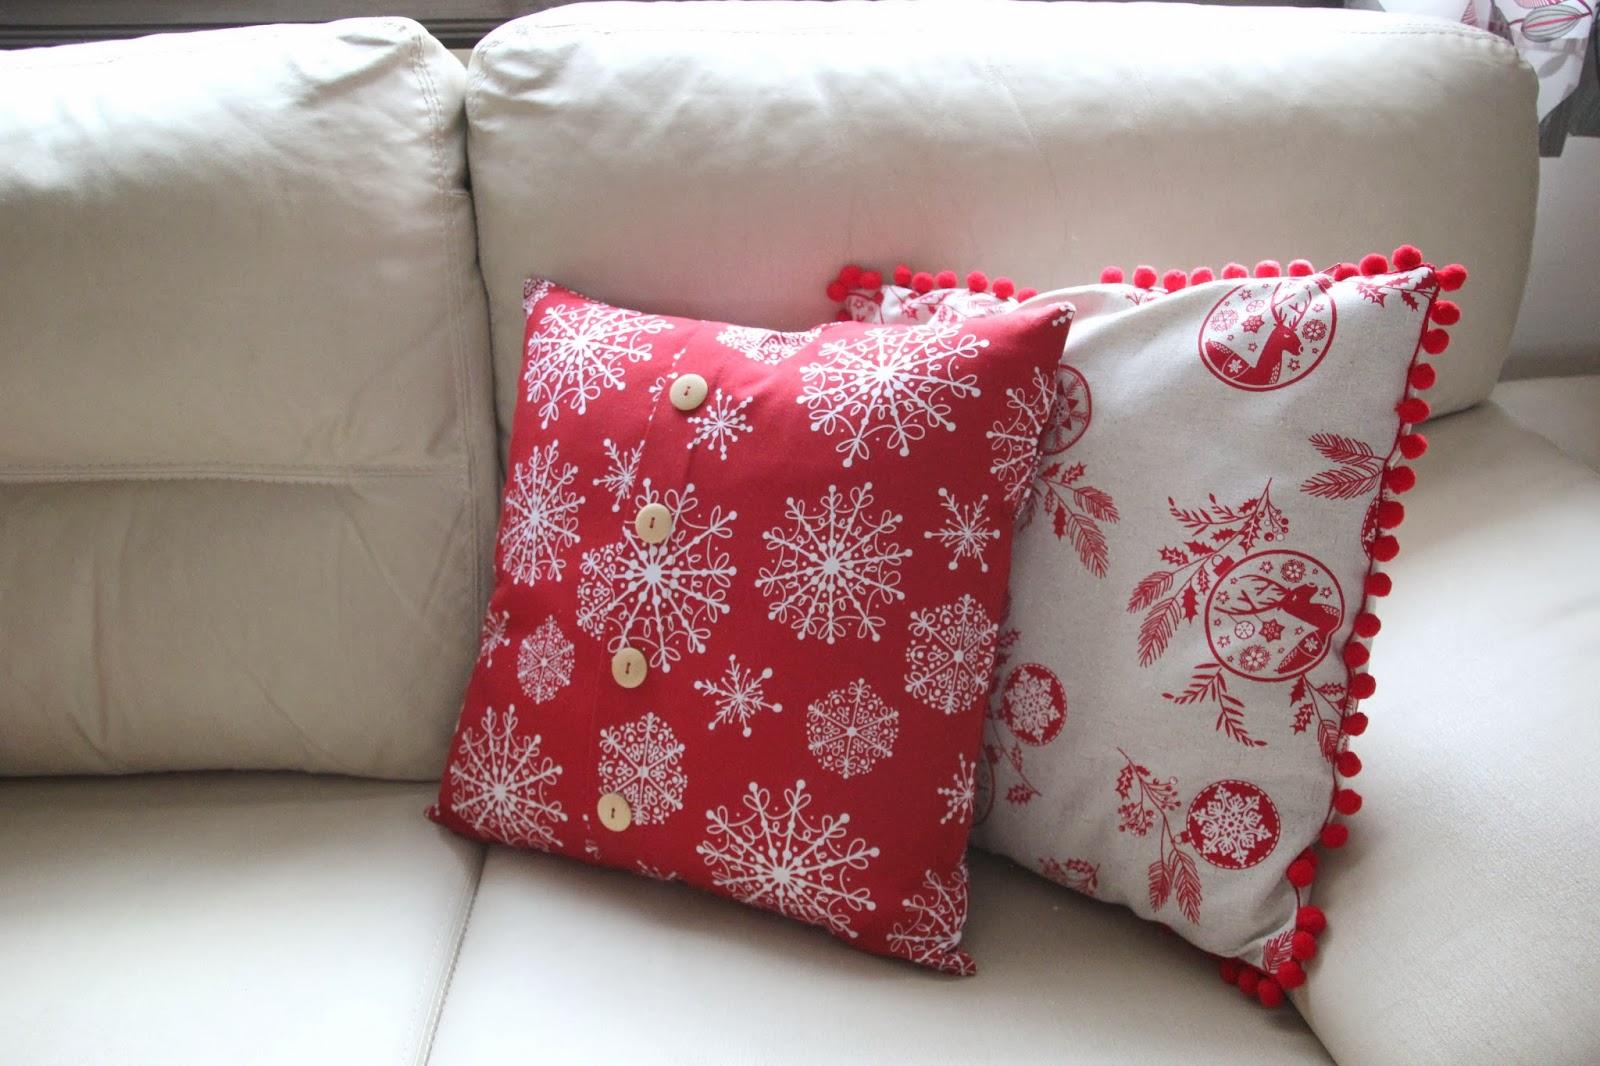 Diy navidad c mo hacer cojines para decorar tu casa en navidad oh mother mine diy - Modelos de cojines decorativos ...